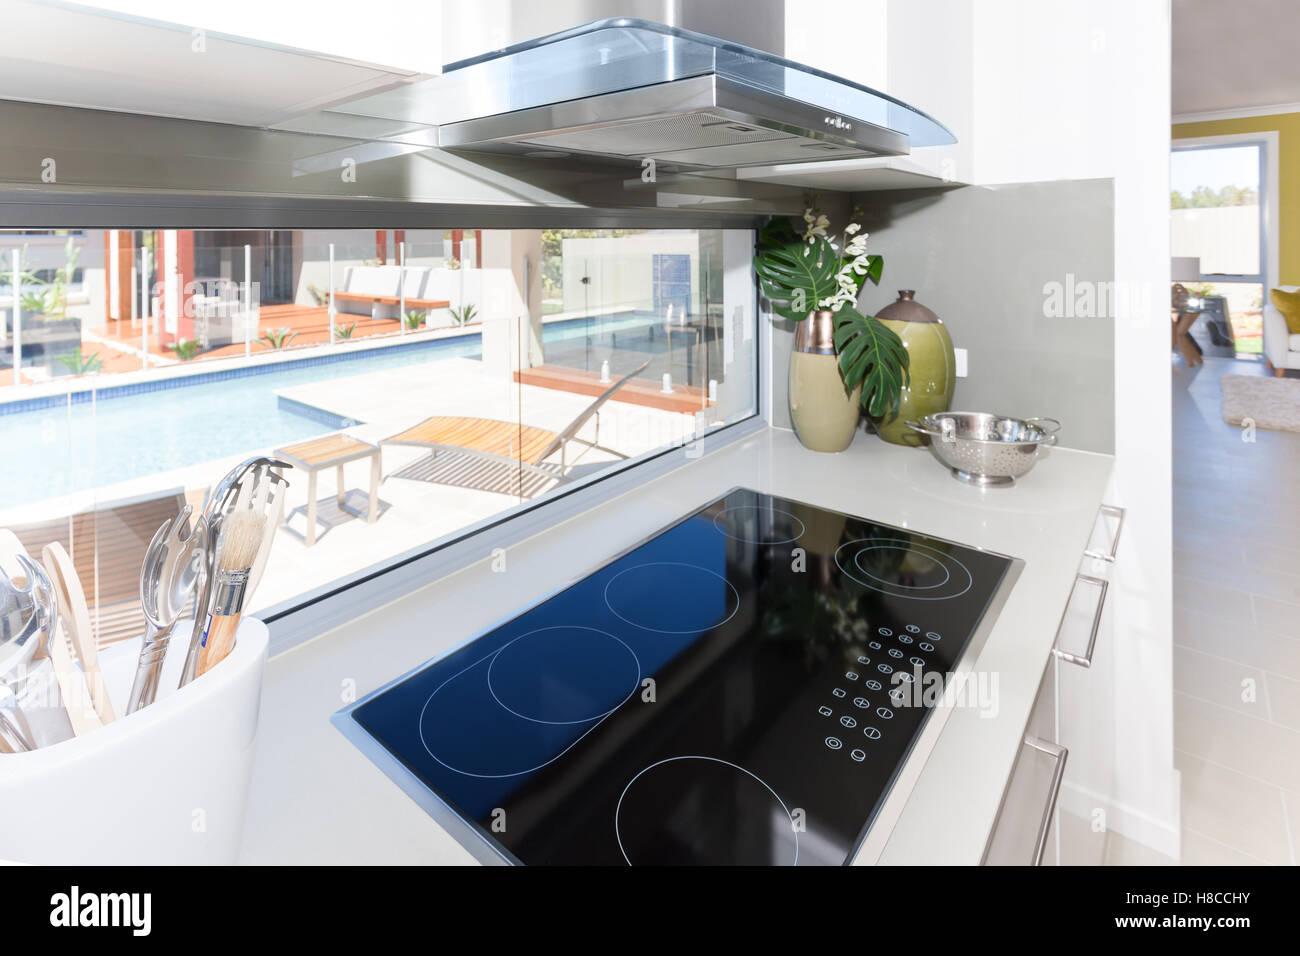 Moderner Kaminofen Mit Keramik Tech Neben Loffel Am Fenster In Der